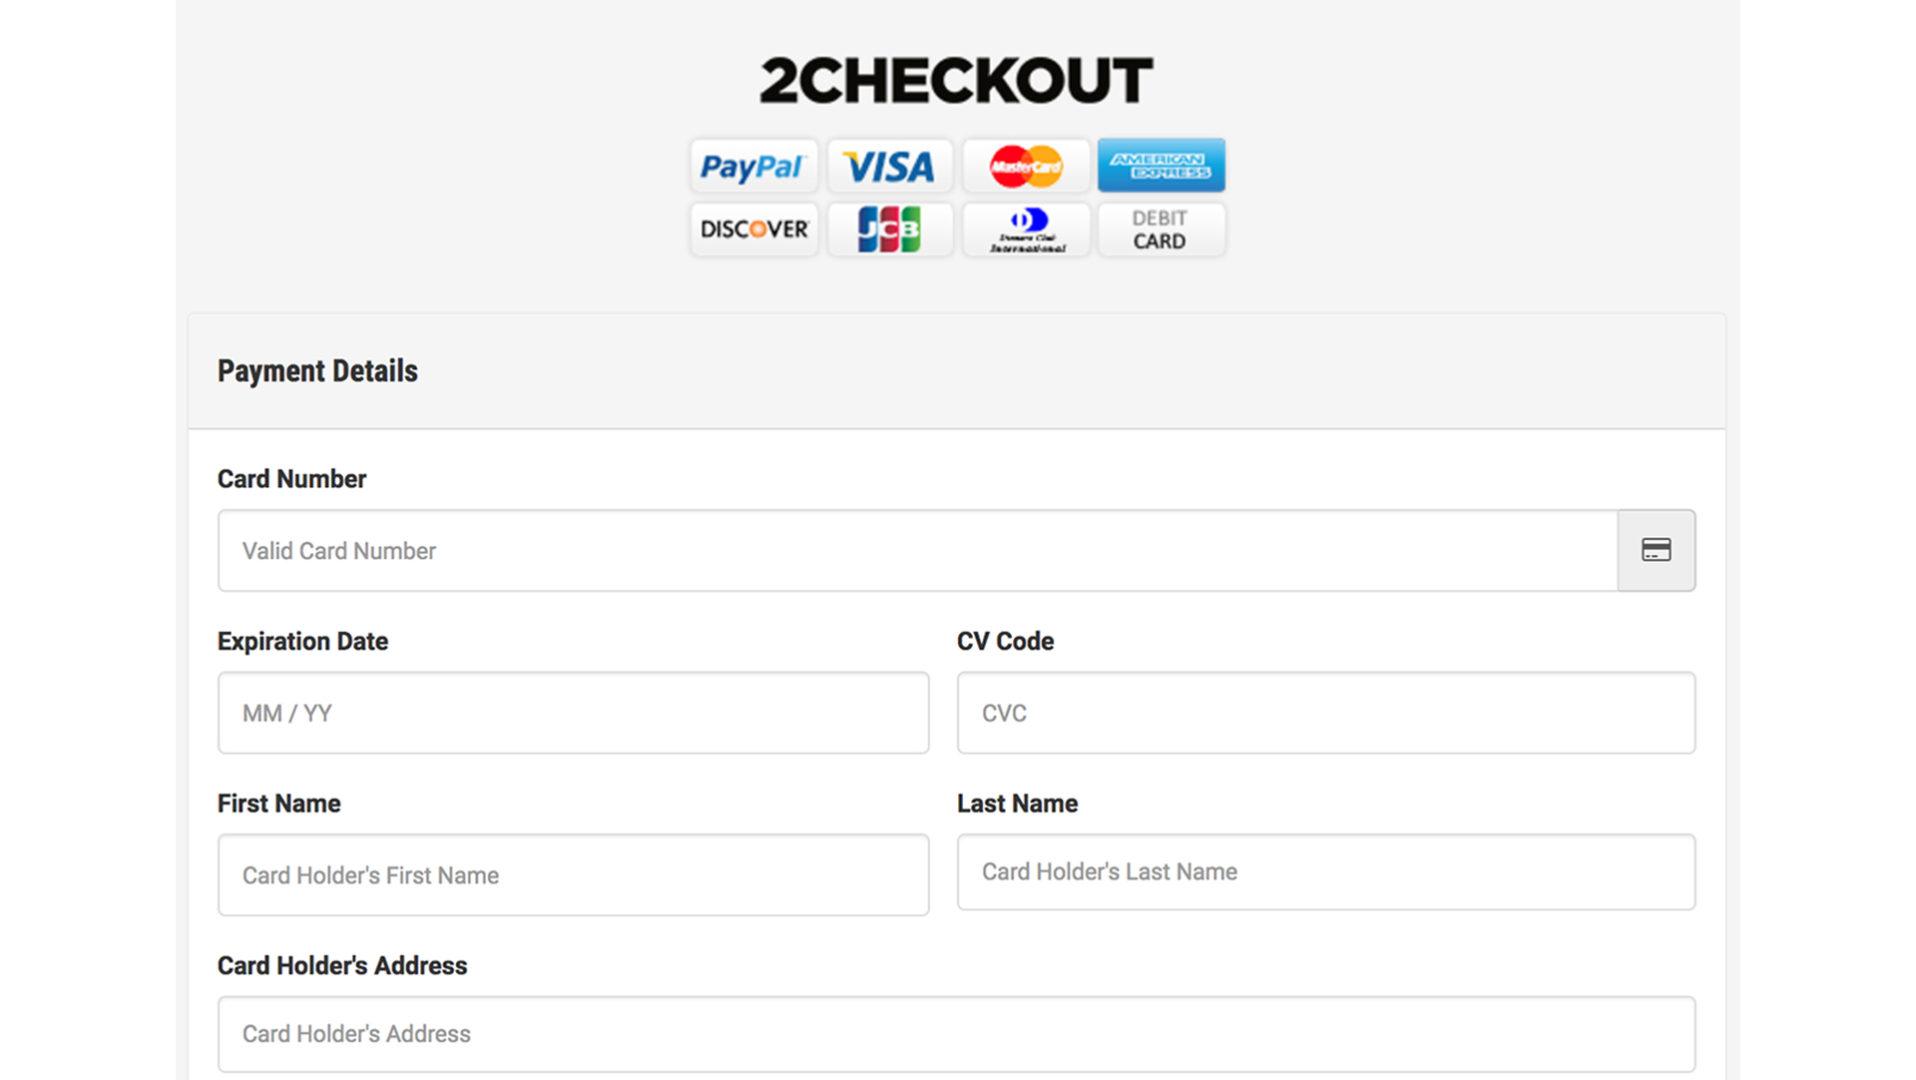 payment gateway 2checkout checkout page